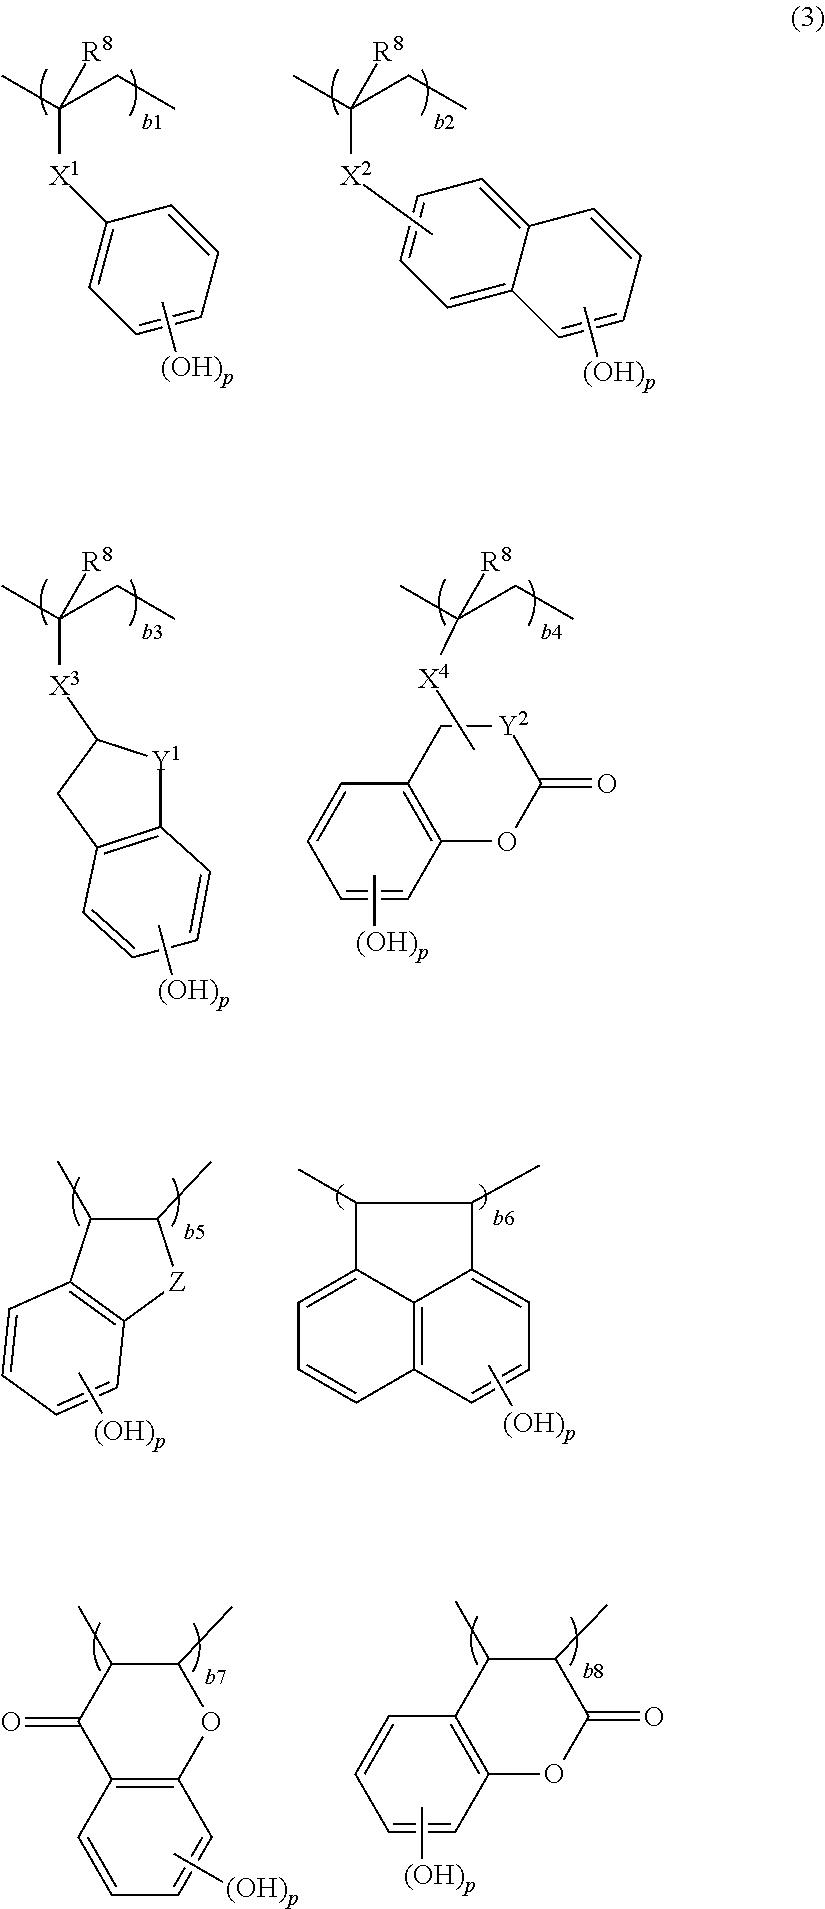 Figure US20110294070A1-20111201-C00117